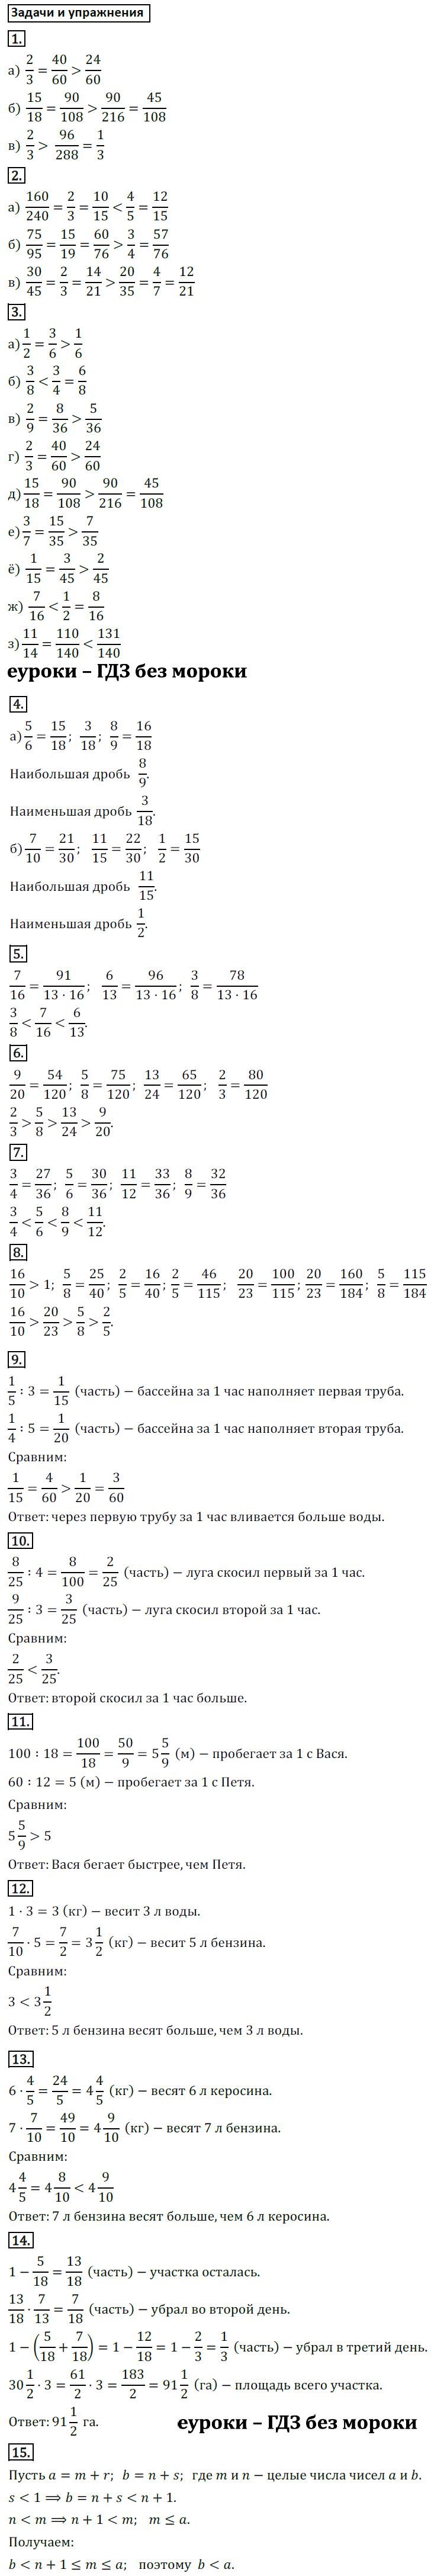 ГДЗ по математике 5 класс Козлов, Никитин Русское Слово ответы и решения онлайн Глава 11. Дроби, §5. Сравнение дробей. Задание: Задачи и упражнения